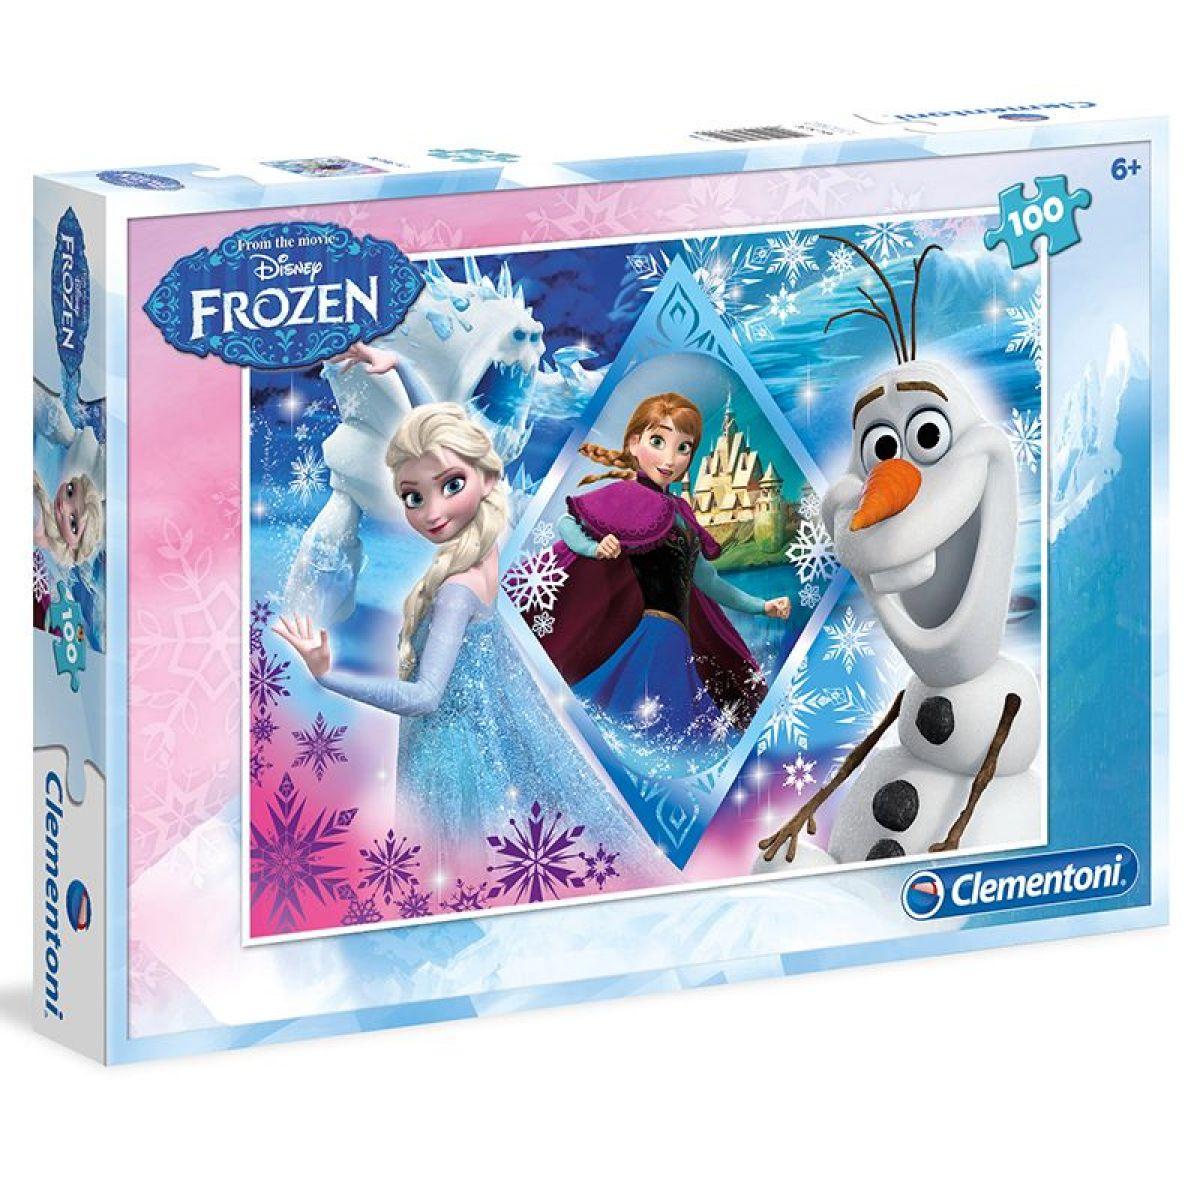 Clementoni Ľadové kráľovstvo Puzzle Anna, Elsa, Olaf 100 dielikov